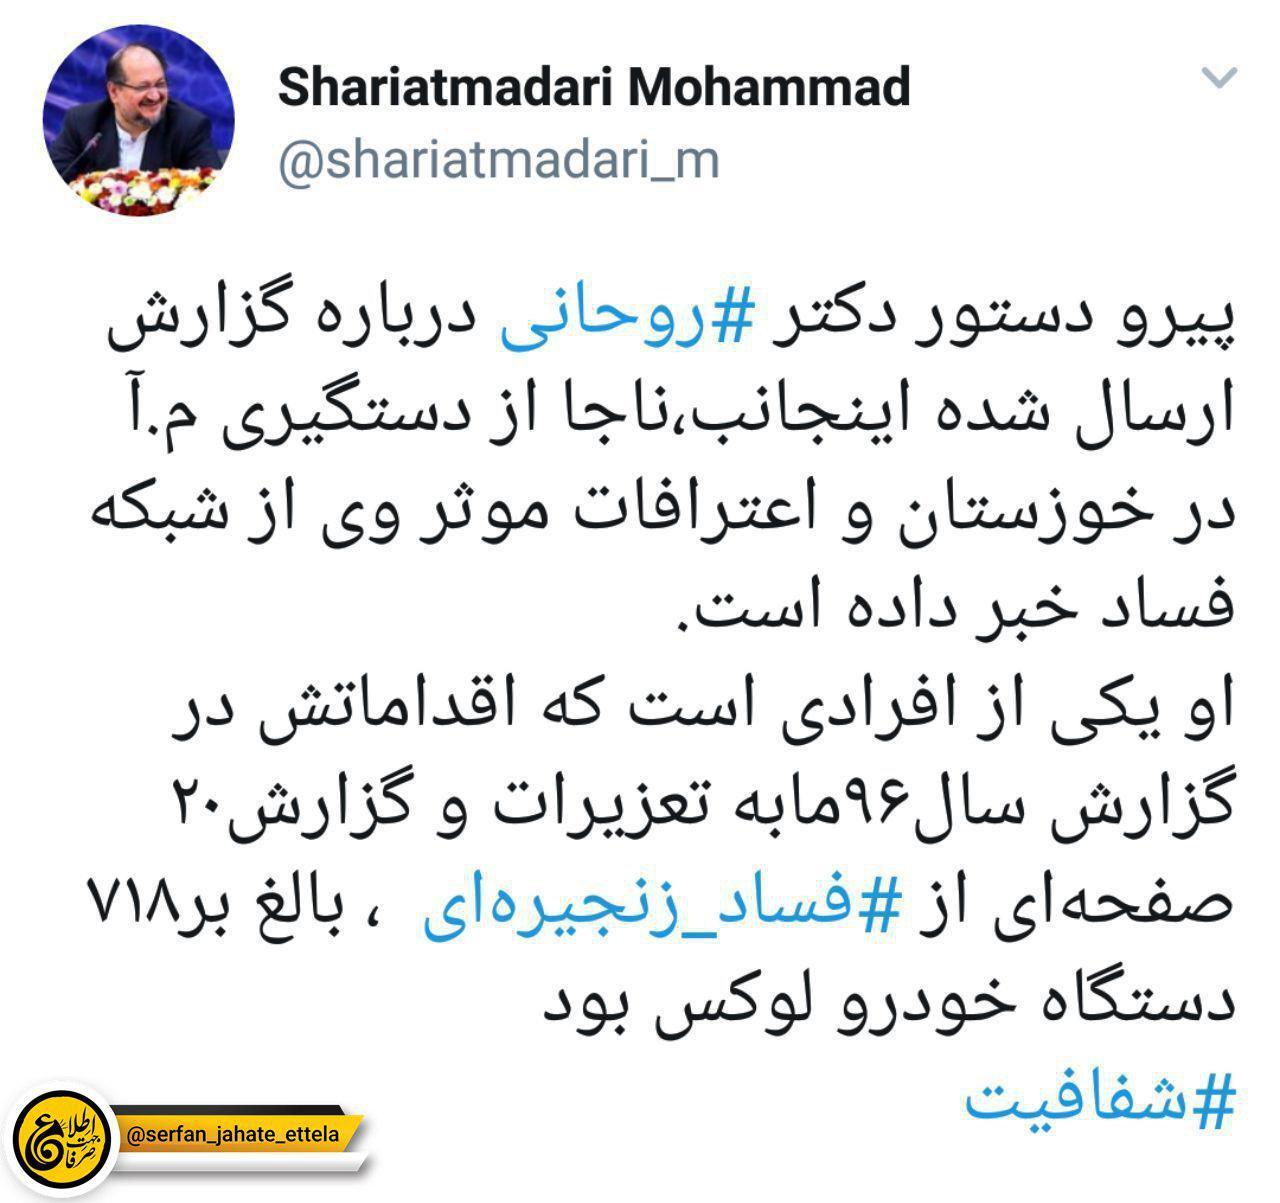 وزیر صنعت، معدن و تجارت از دستگیری یکی از افراد حلقه فساد زنجیرهای خودرو در خوزستان خبر داد.